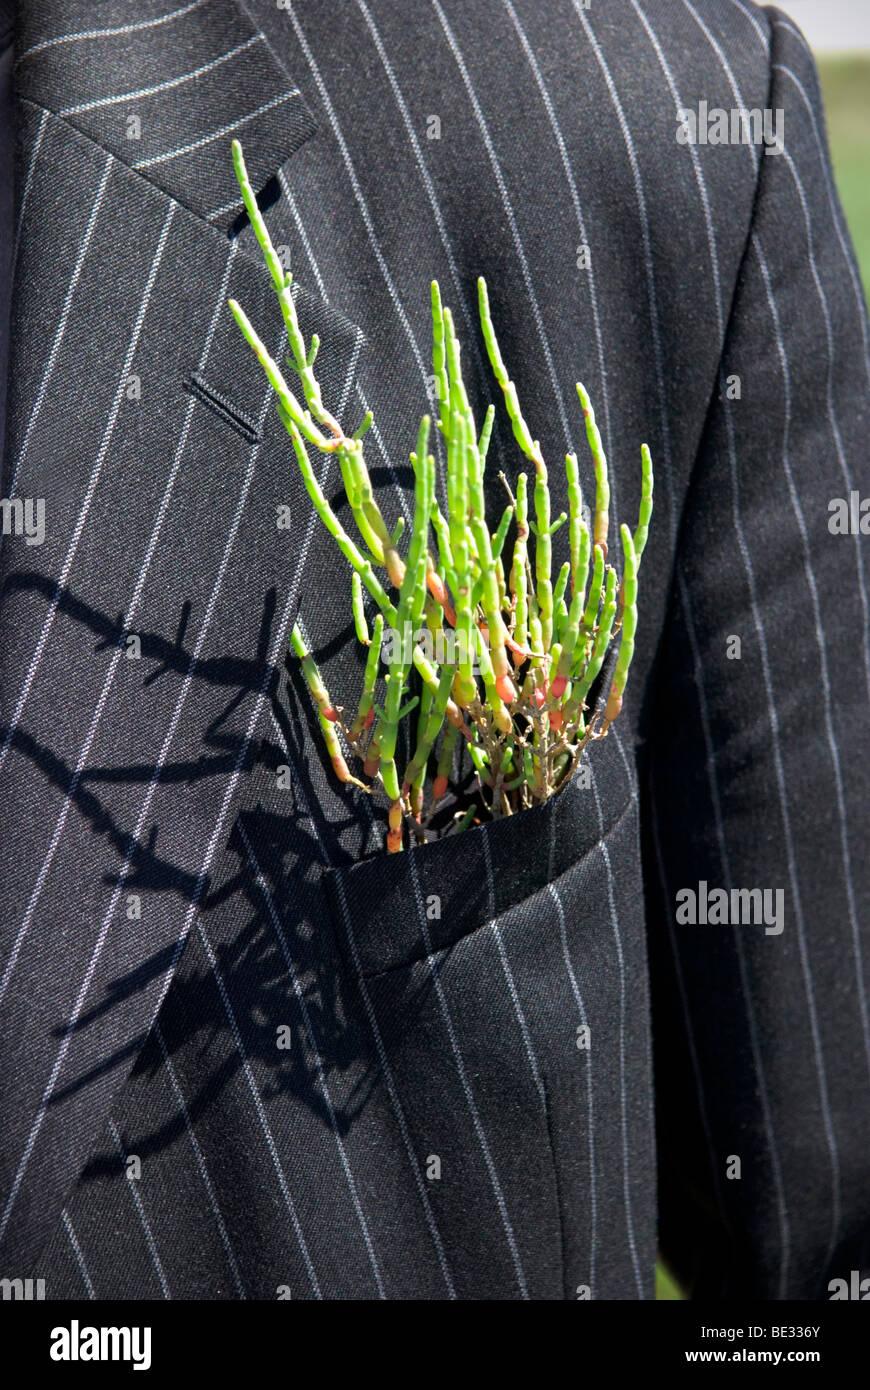 Nahaufnahme der grünen Pflanze einen Nadelstreifenanzug aus eigener Tasche aufkleben Stockbild